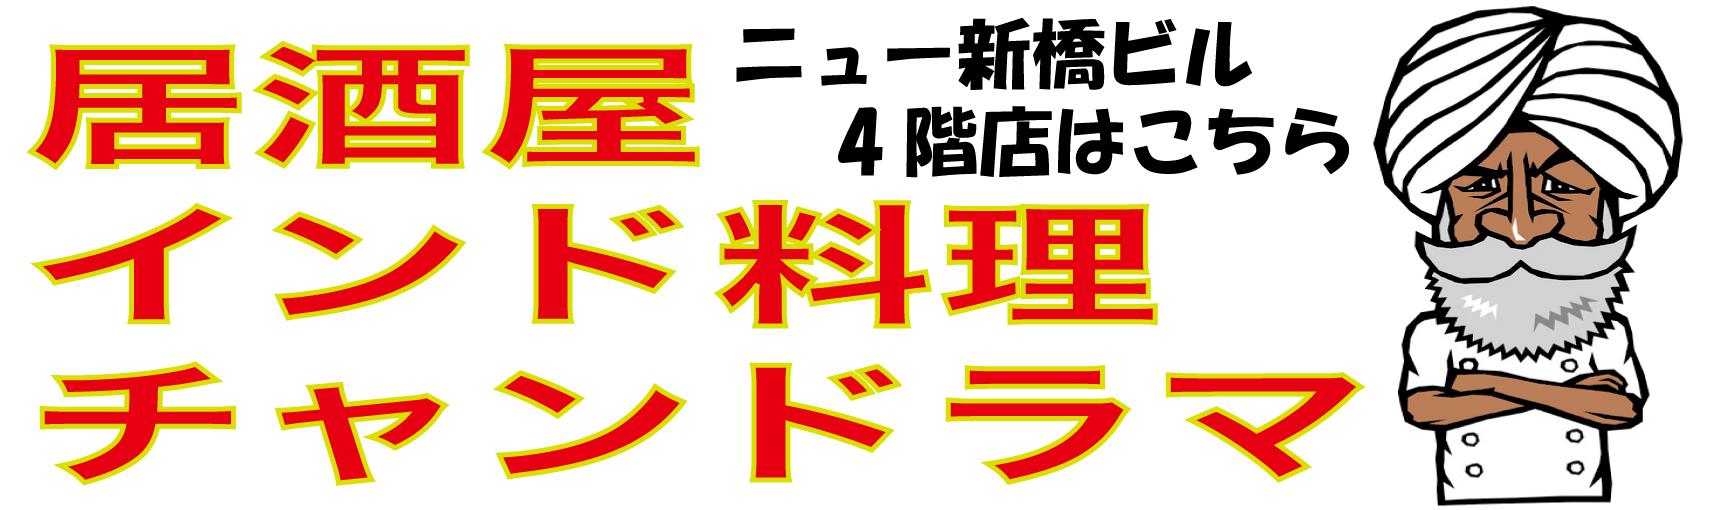 居酒屋インドカレー店チャンドラマニュー新橋ビル4階店